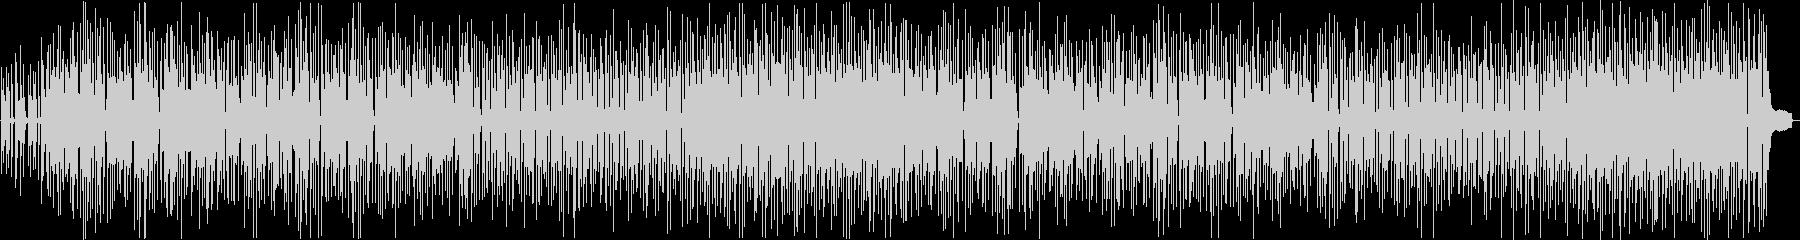 ほのぼの・田舎っぽいチープなボサノバの未再生の波形